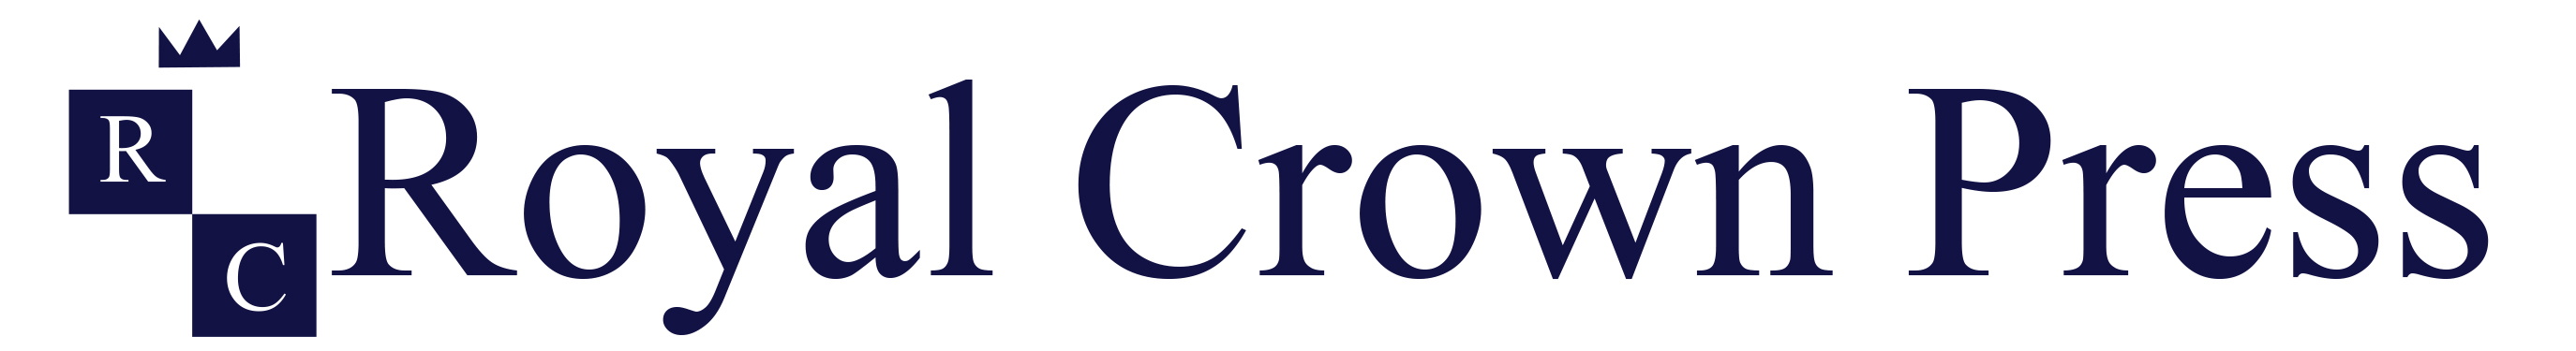 Royal Crown Press Publishing